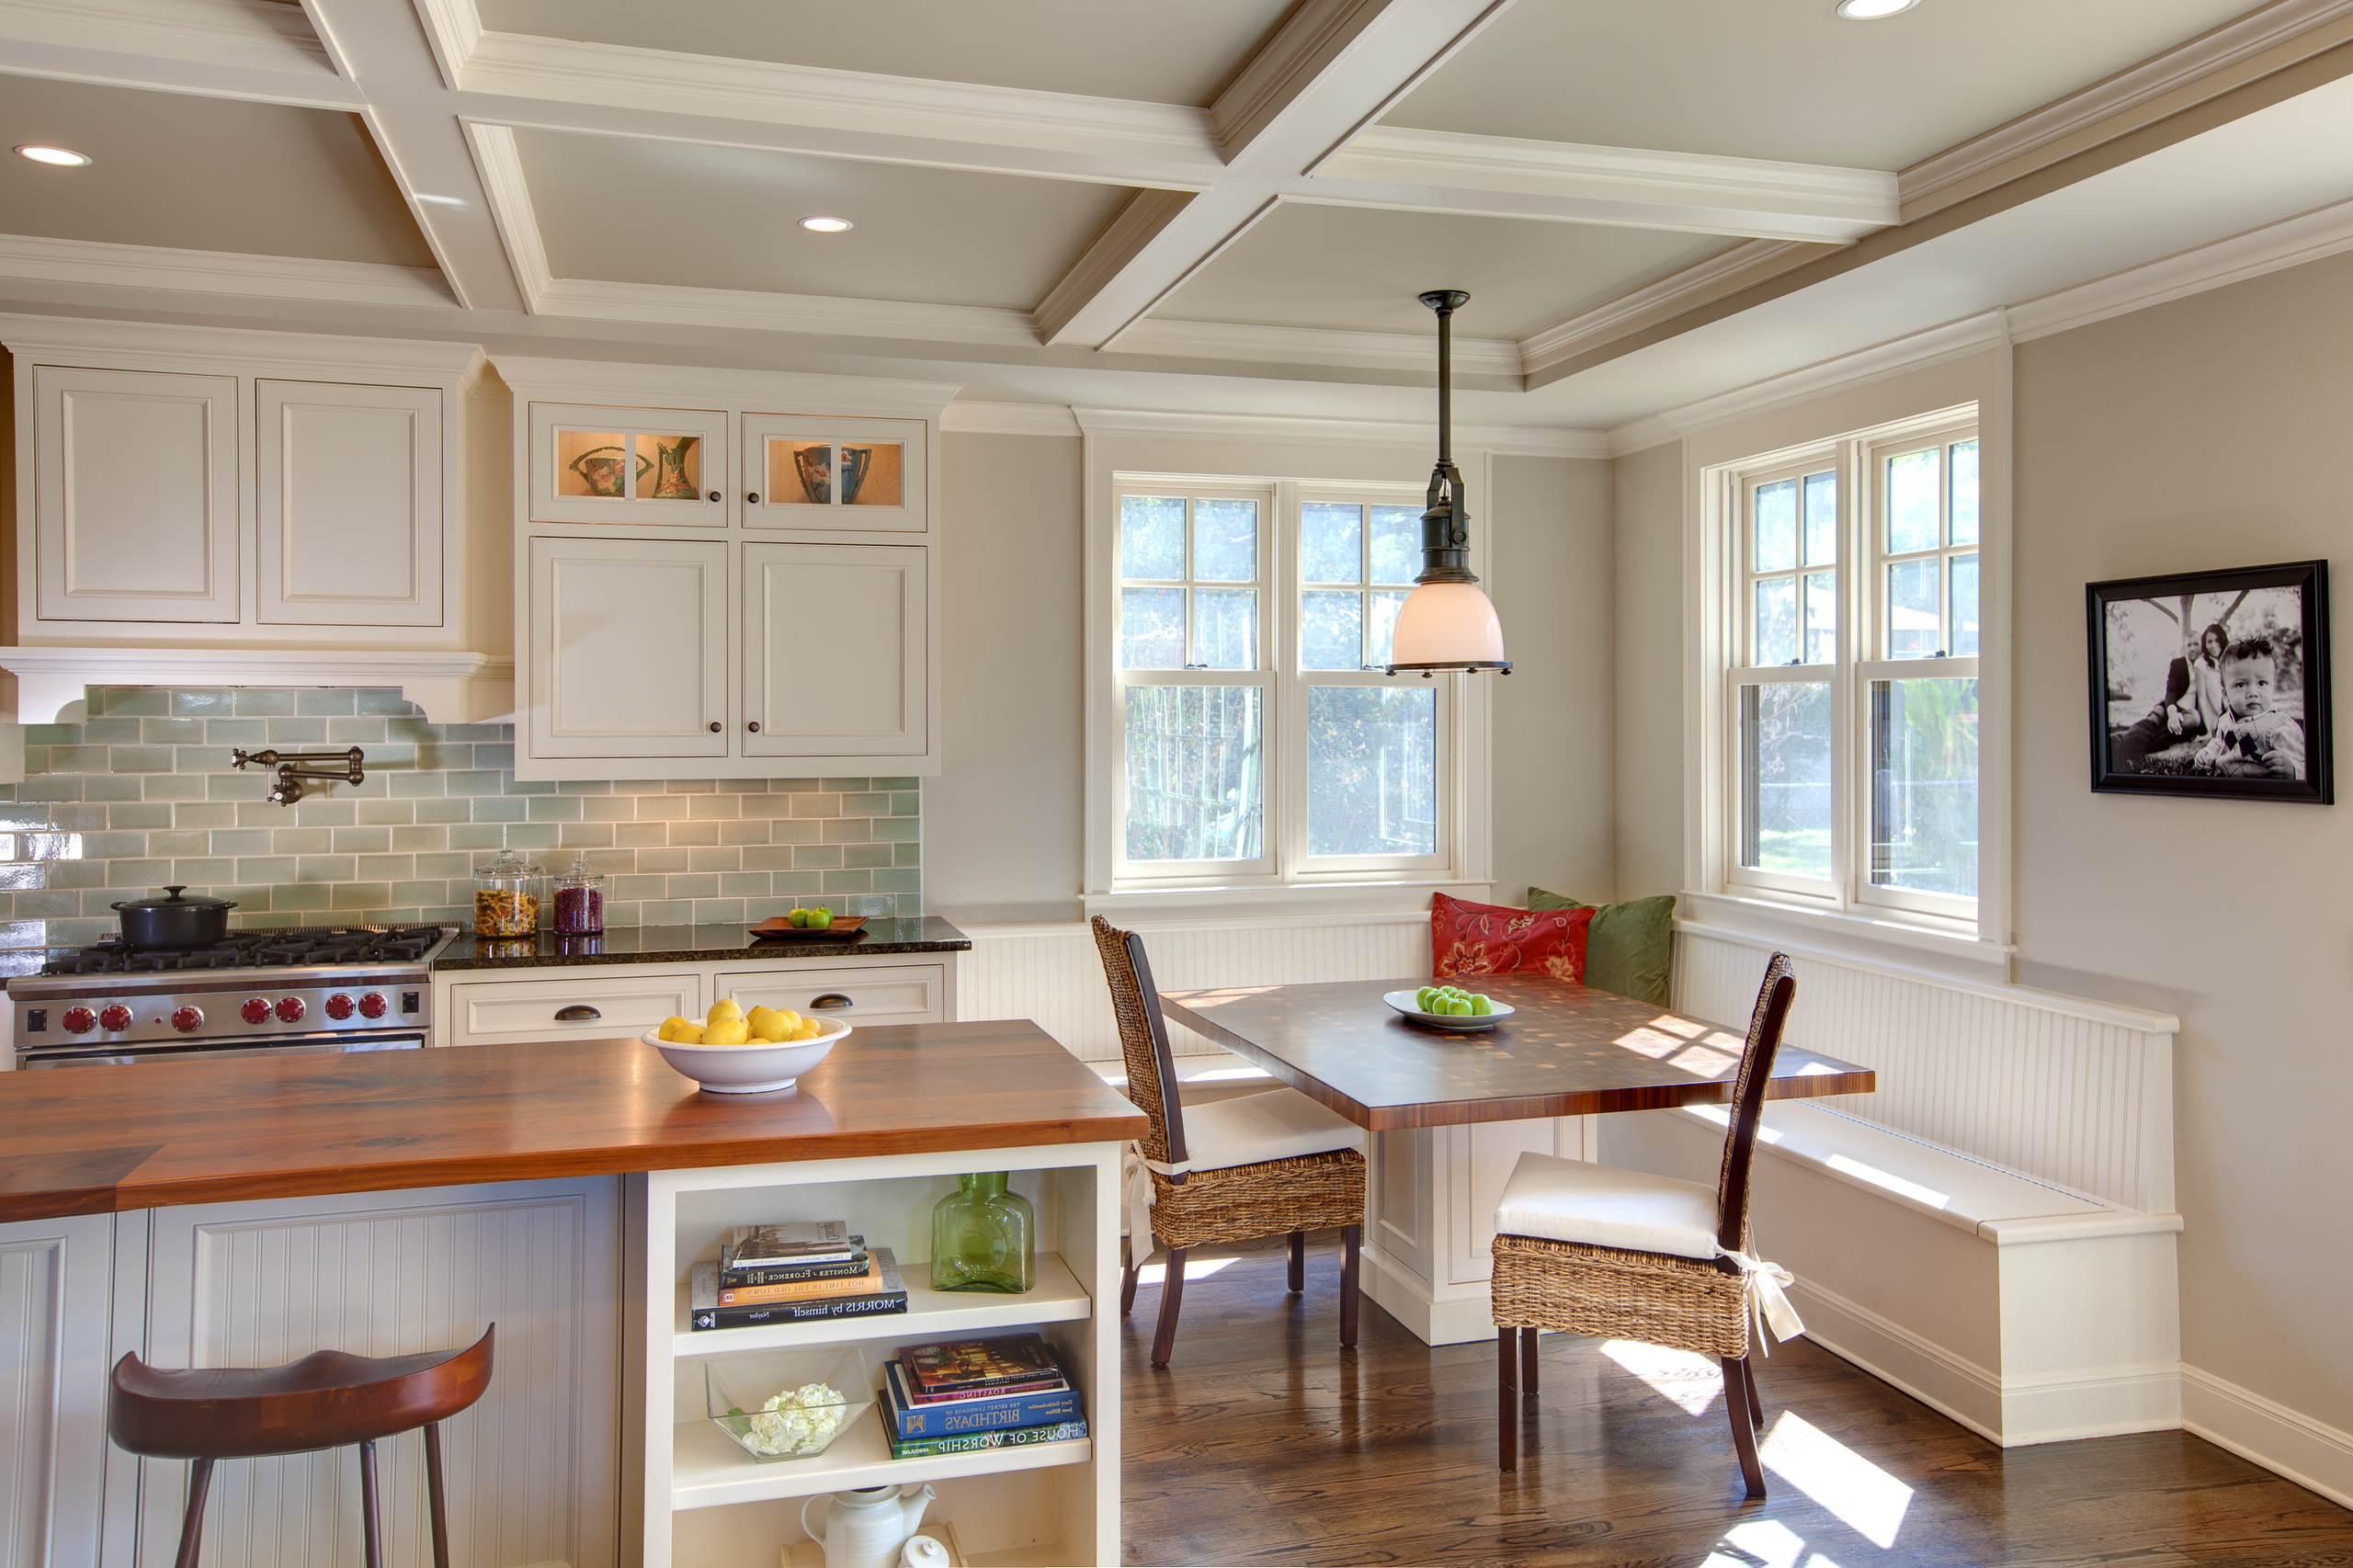 Die Kücheneckbank in der Küche